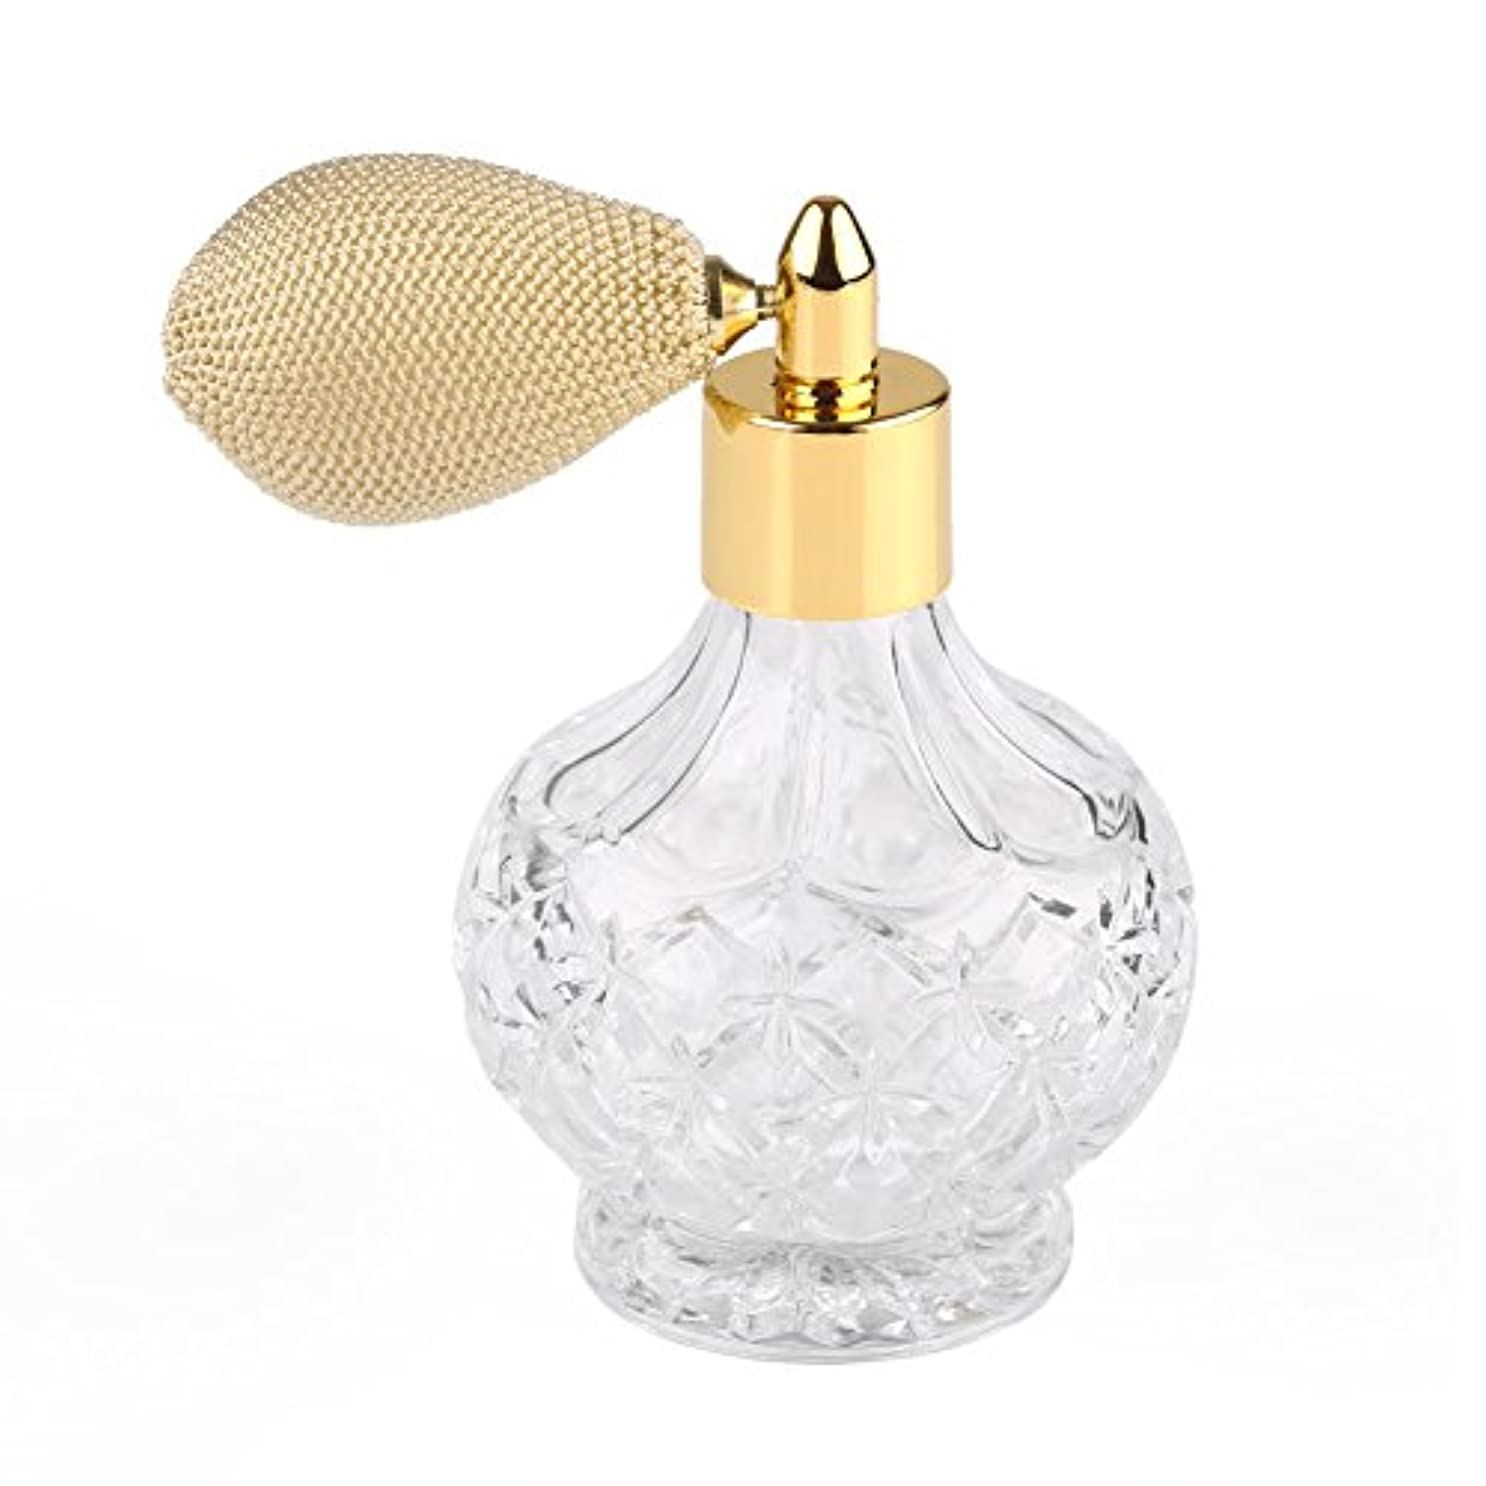 マウント指標ゆでる高品質18MMガラスボトル香水瓶 アトマイザー  クリア星柄ストリームラインデザイン 金色ニットスプレー 80ML ホーム飾り 装飾雑貨 ガラス製